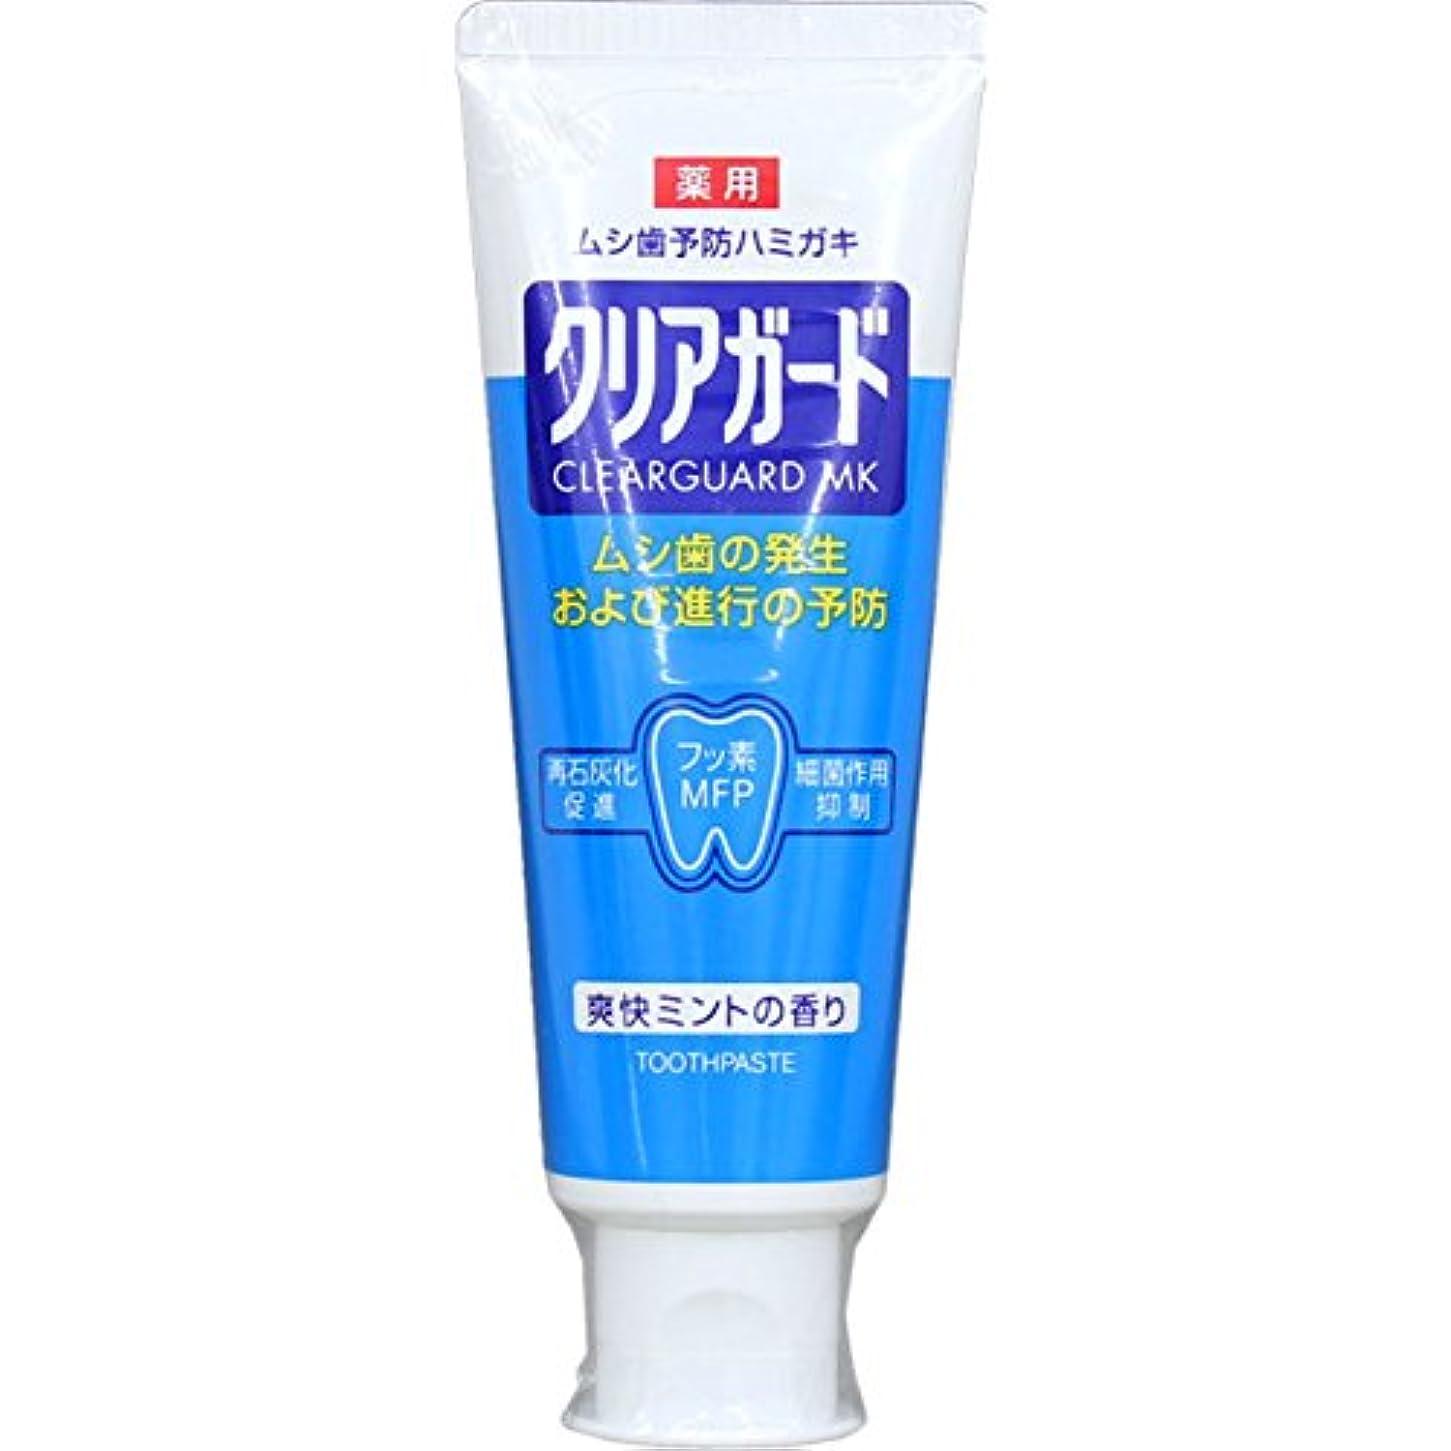 州居間テスピアンMK 薬用クリアガード 160g (医薬部外品)